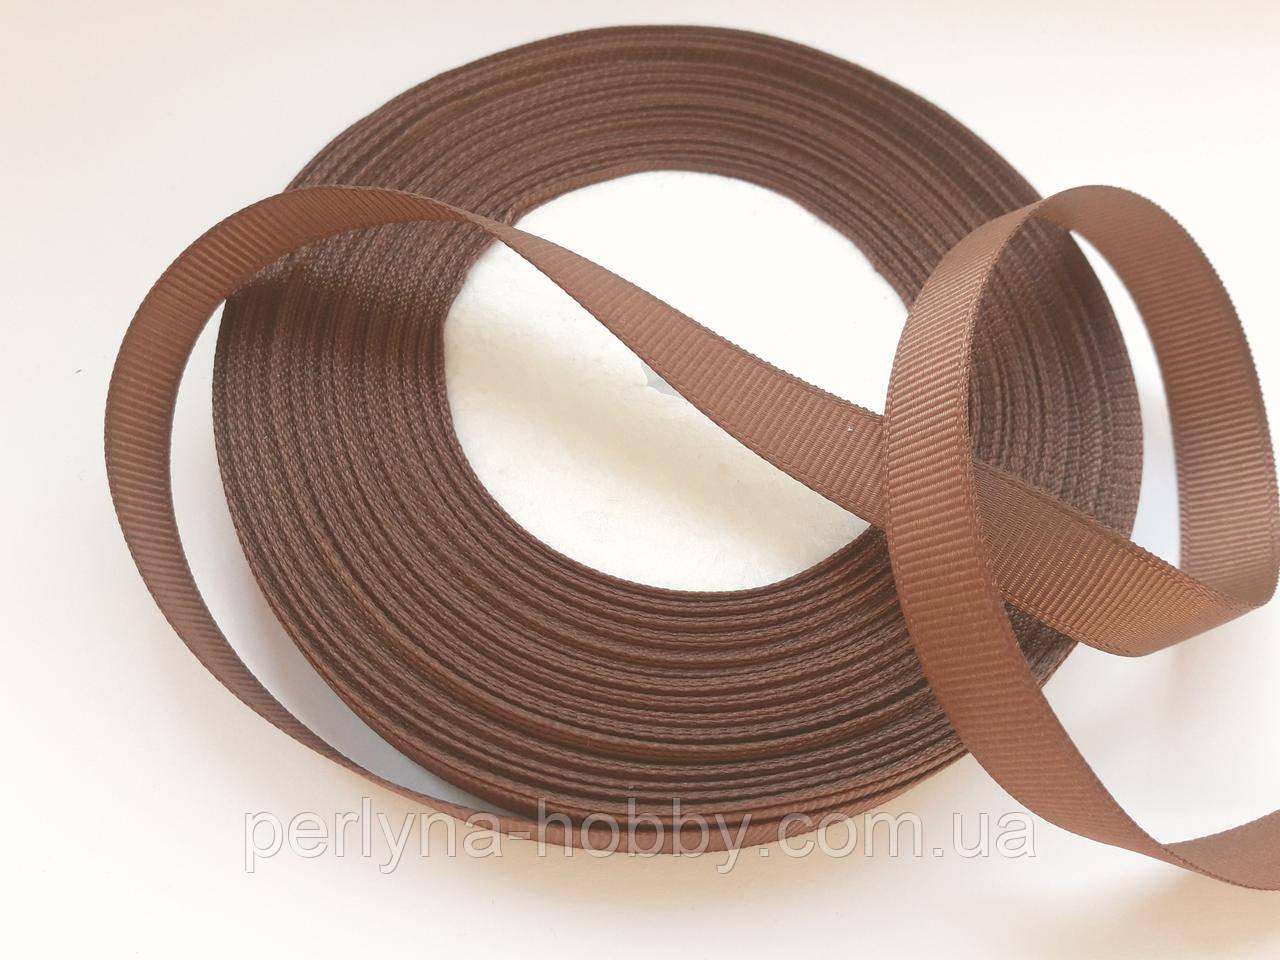 Стрічка репсова 13 мм ( 22 метри в рулоні) коричнева